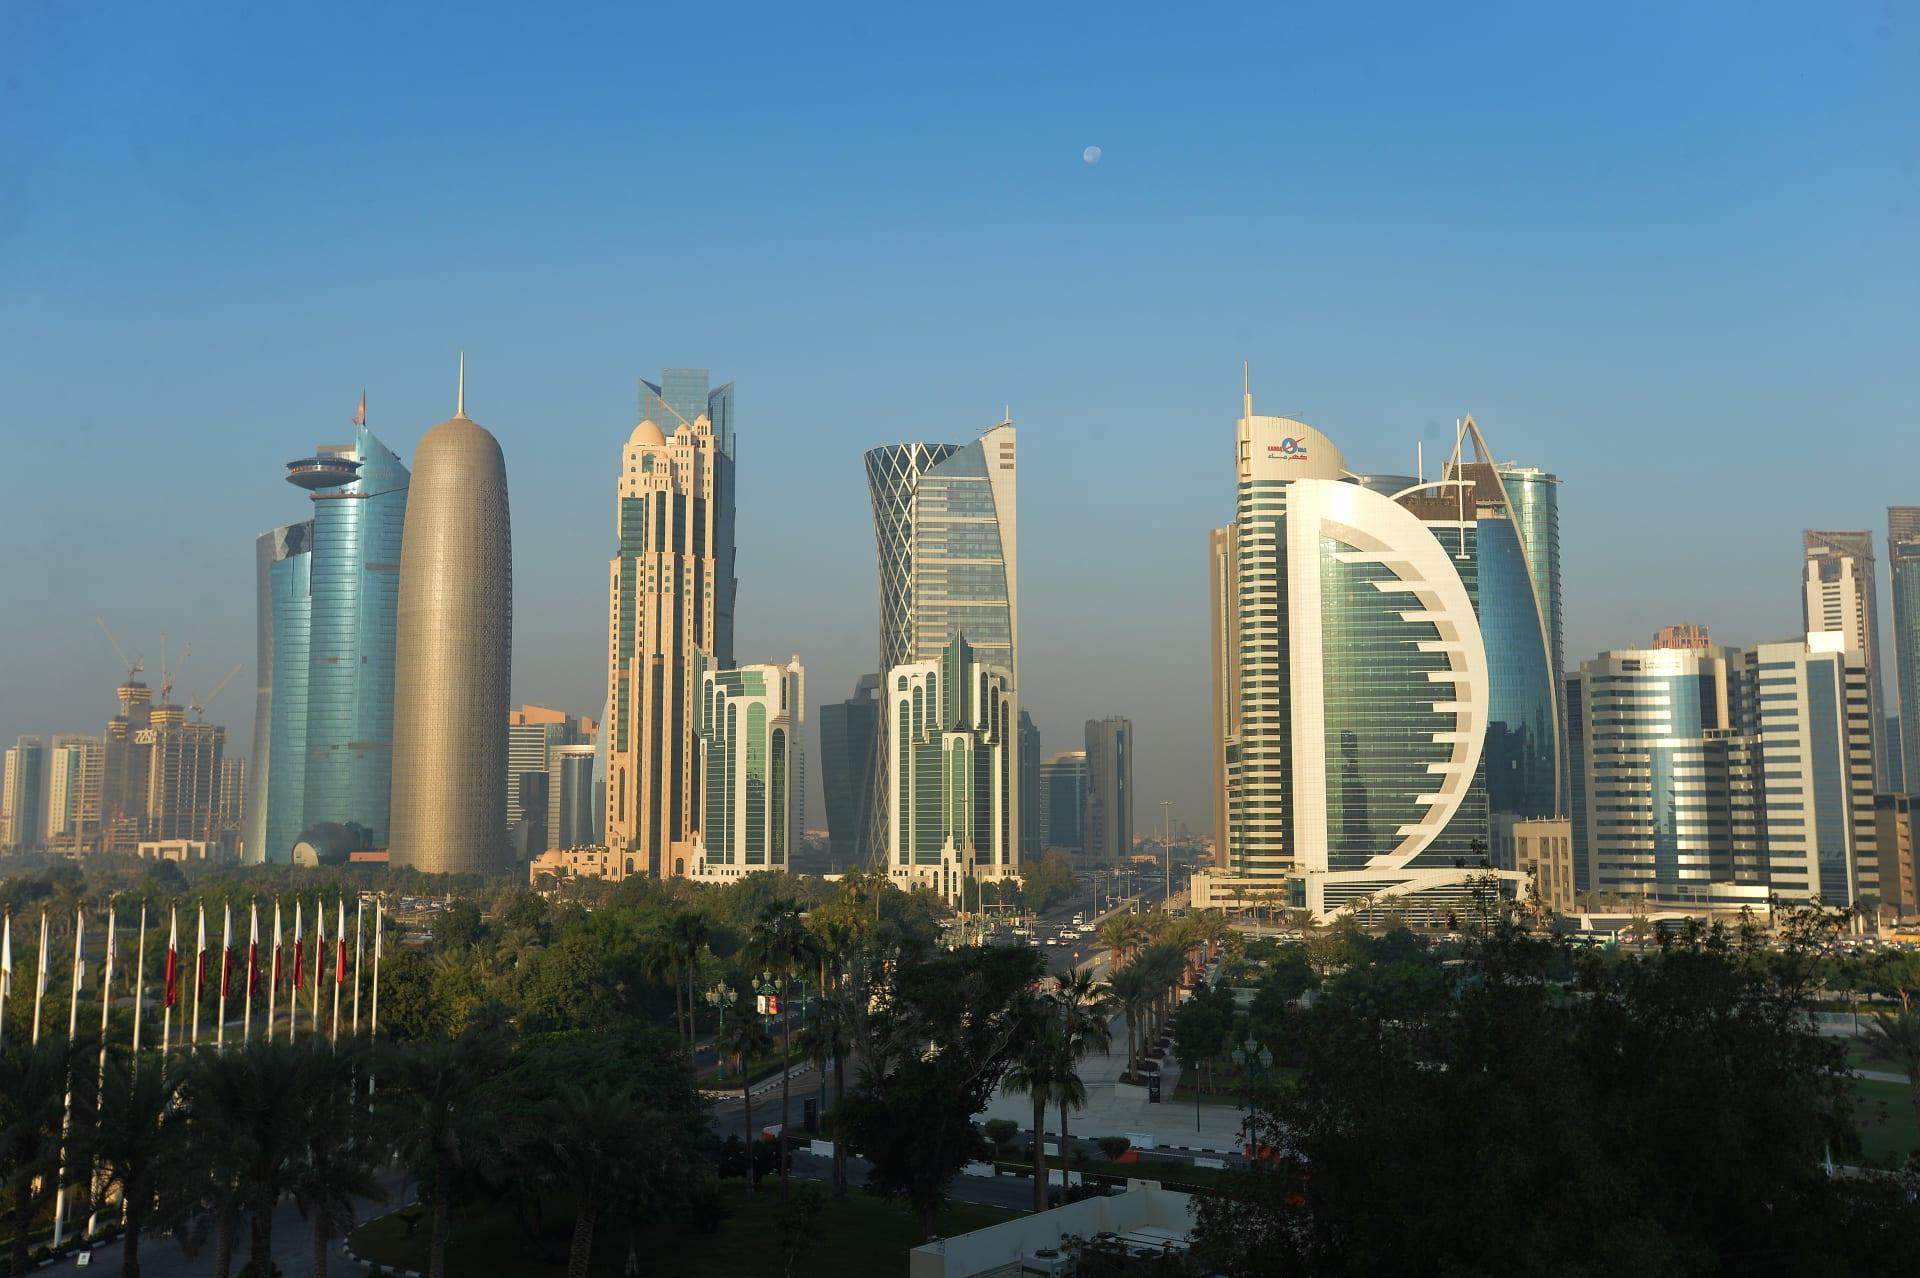 صورة أرشيفية عامة من العاصمة القطرية، الدوحة